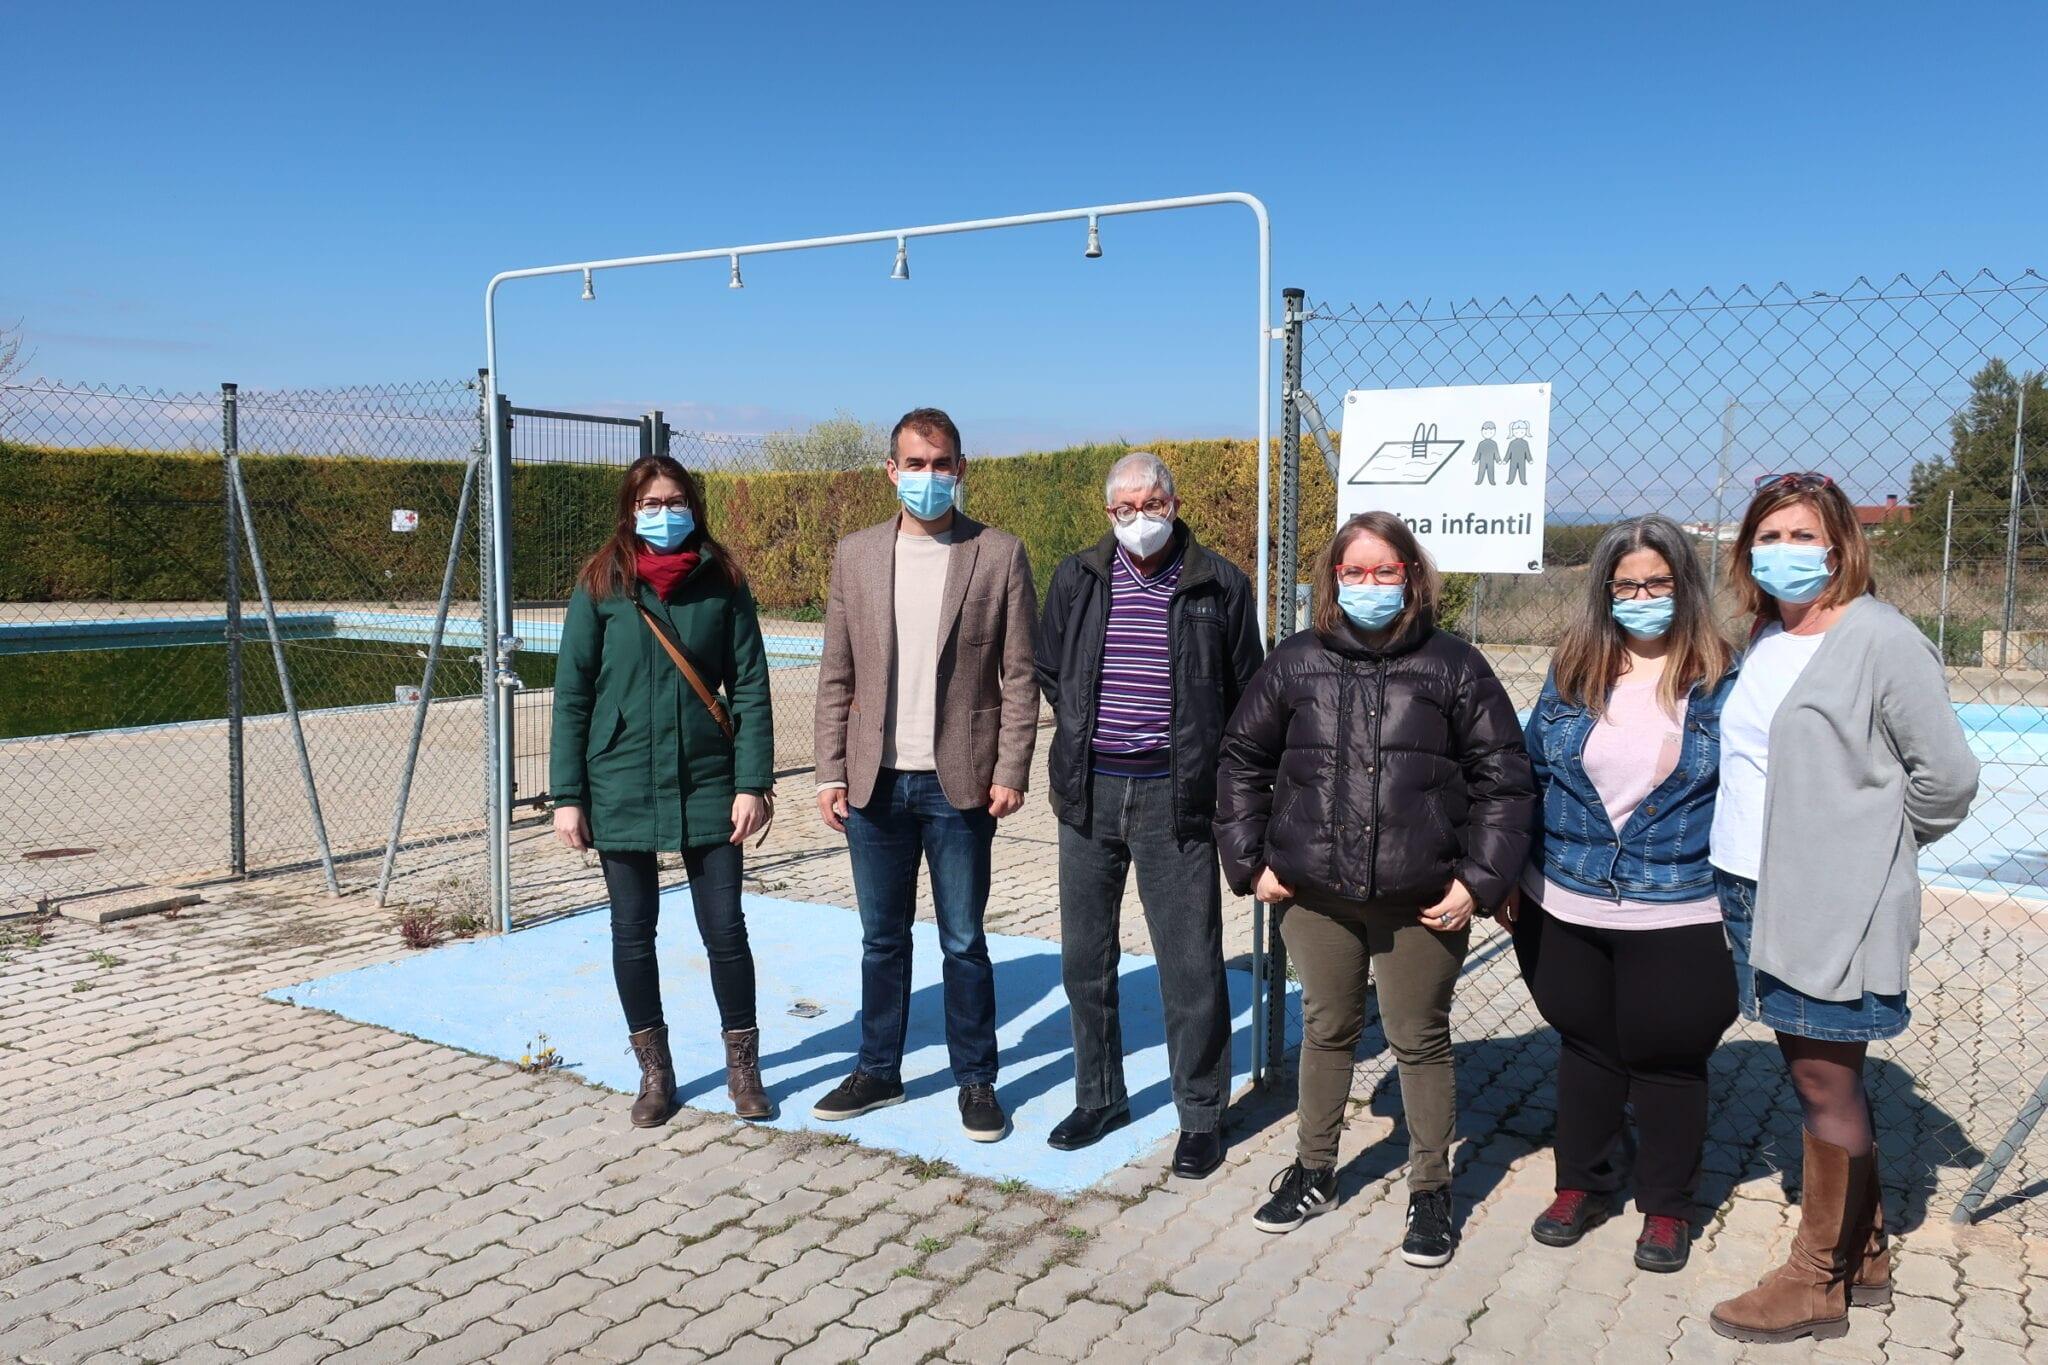 La Piscina de San León cuenta con nueva cartelería accesible realizada por ATADI